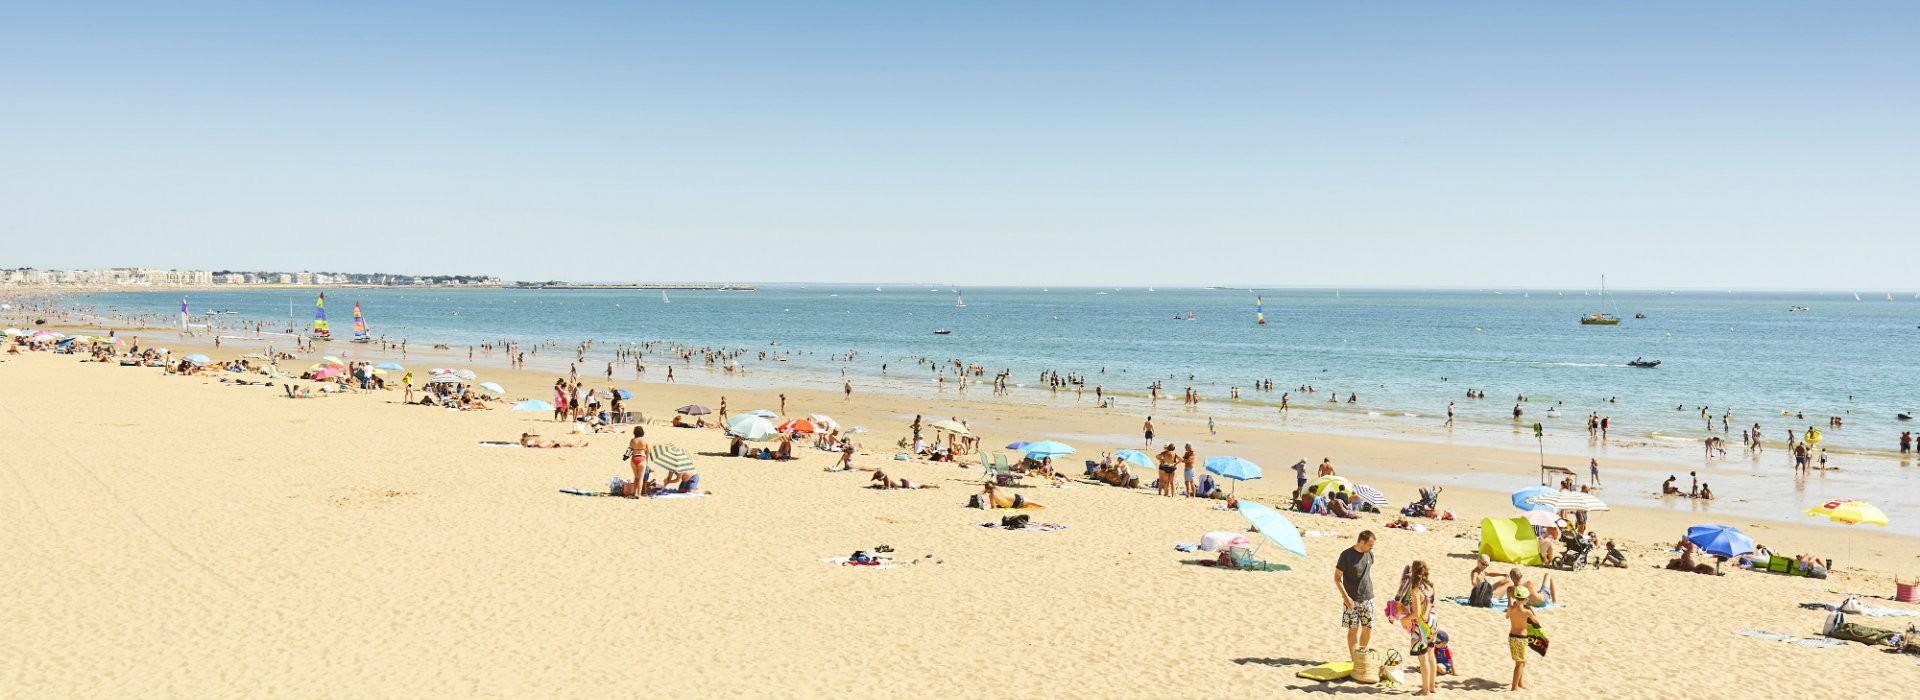 La baie de La Baule depuis la plage - Alexandre Lamoureux